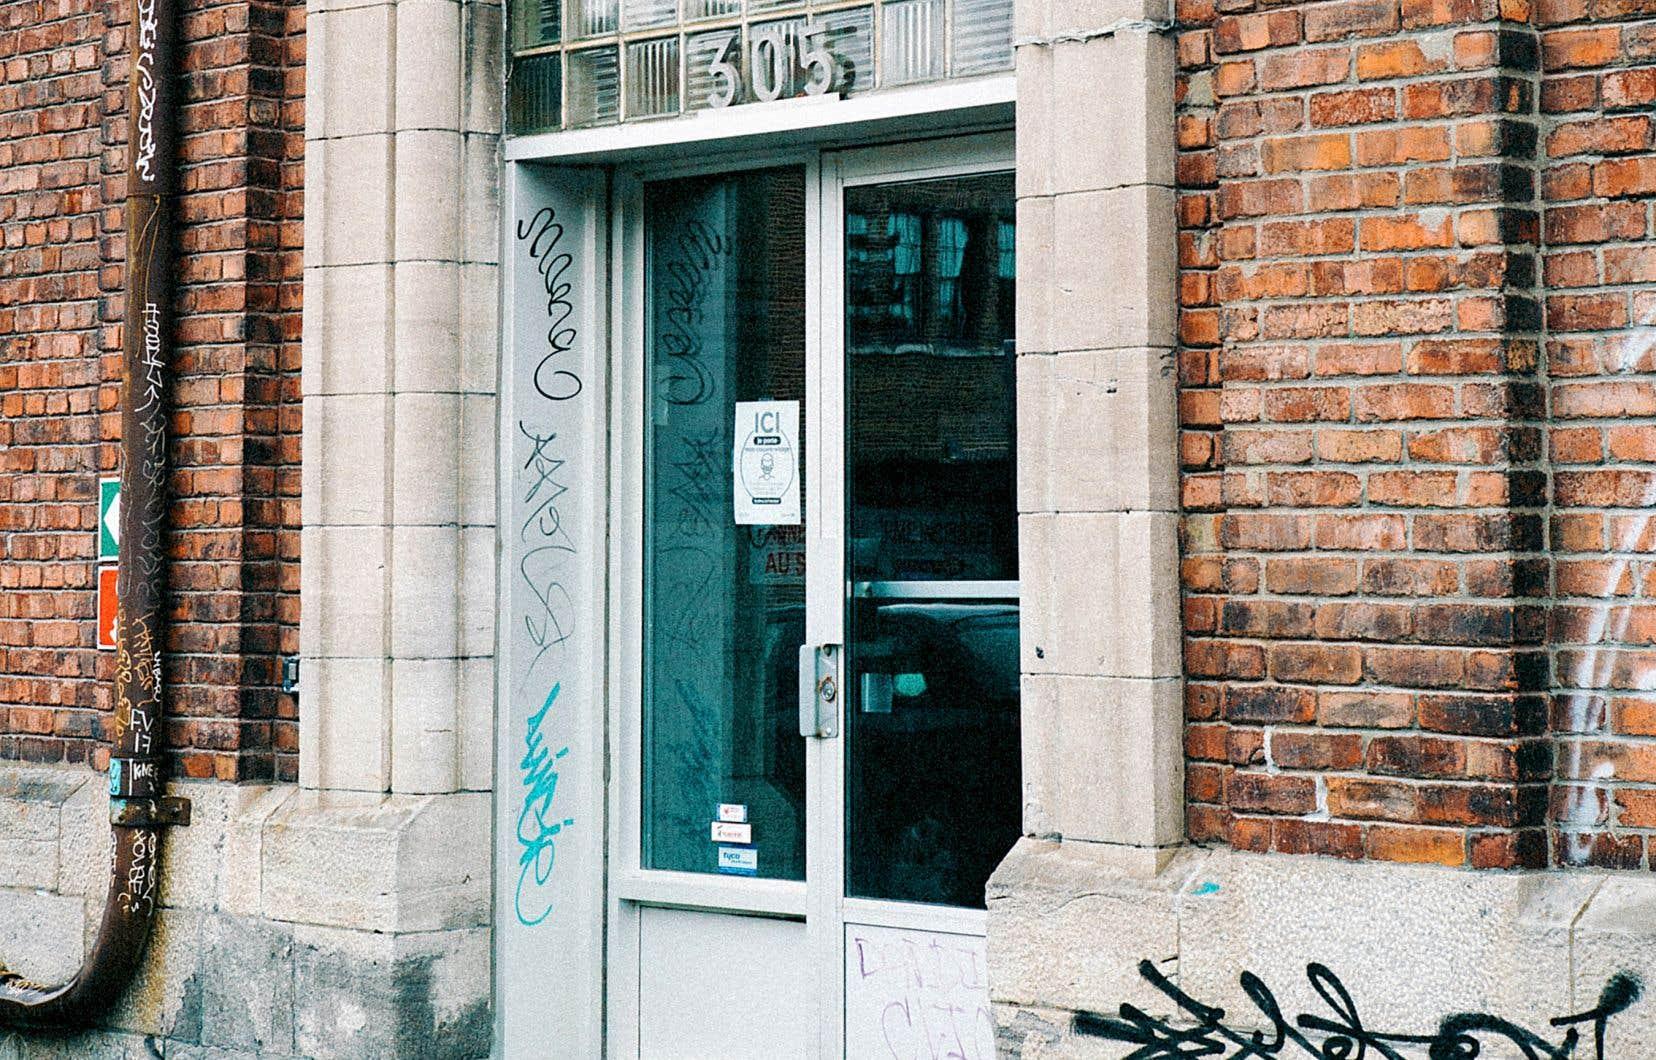 Les derniers artistes dont les ateliers logeaient au 305, rue de Bellechasse ont dû quitter les lieux en 2020.